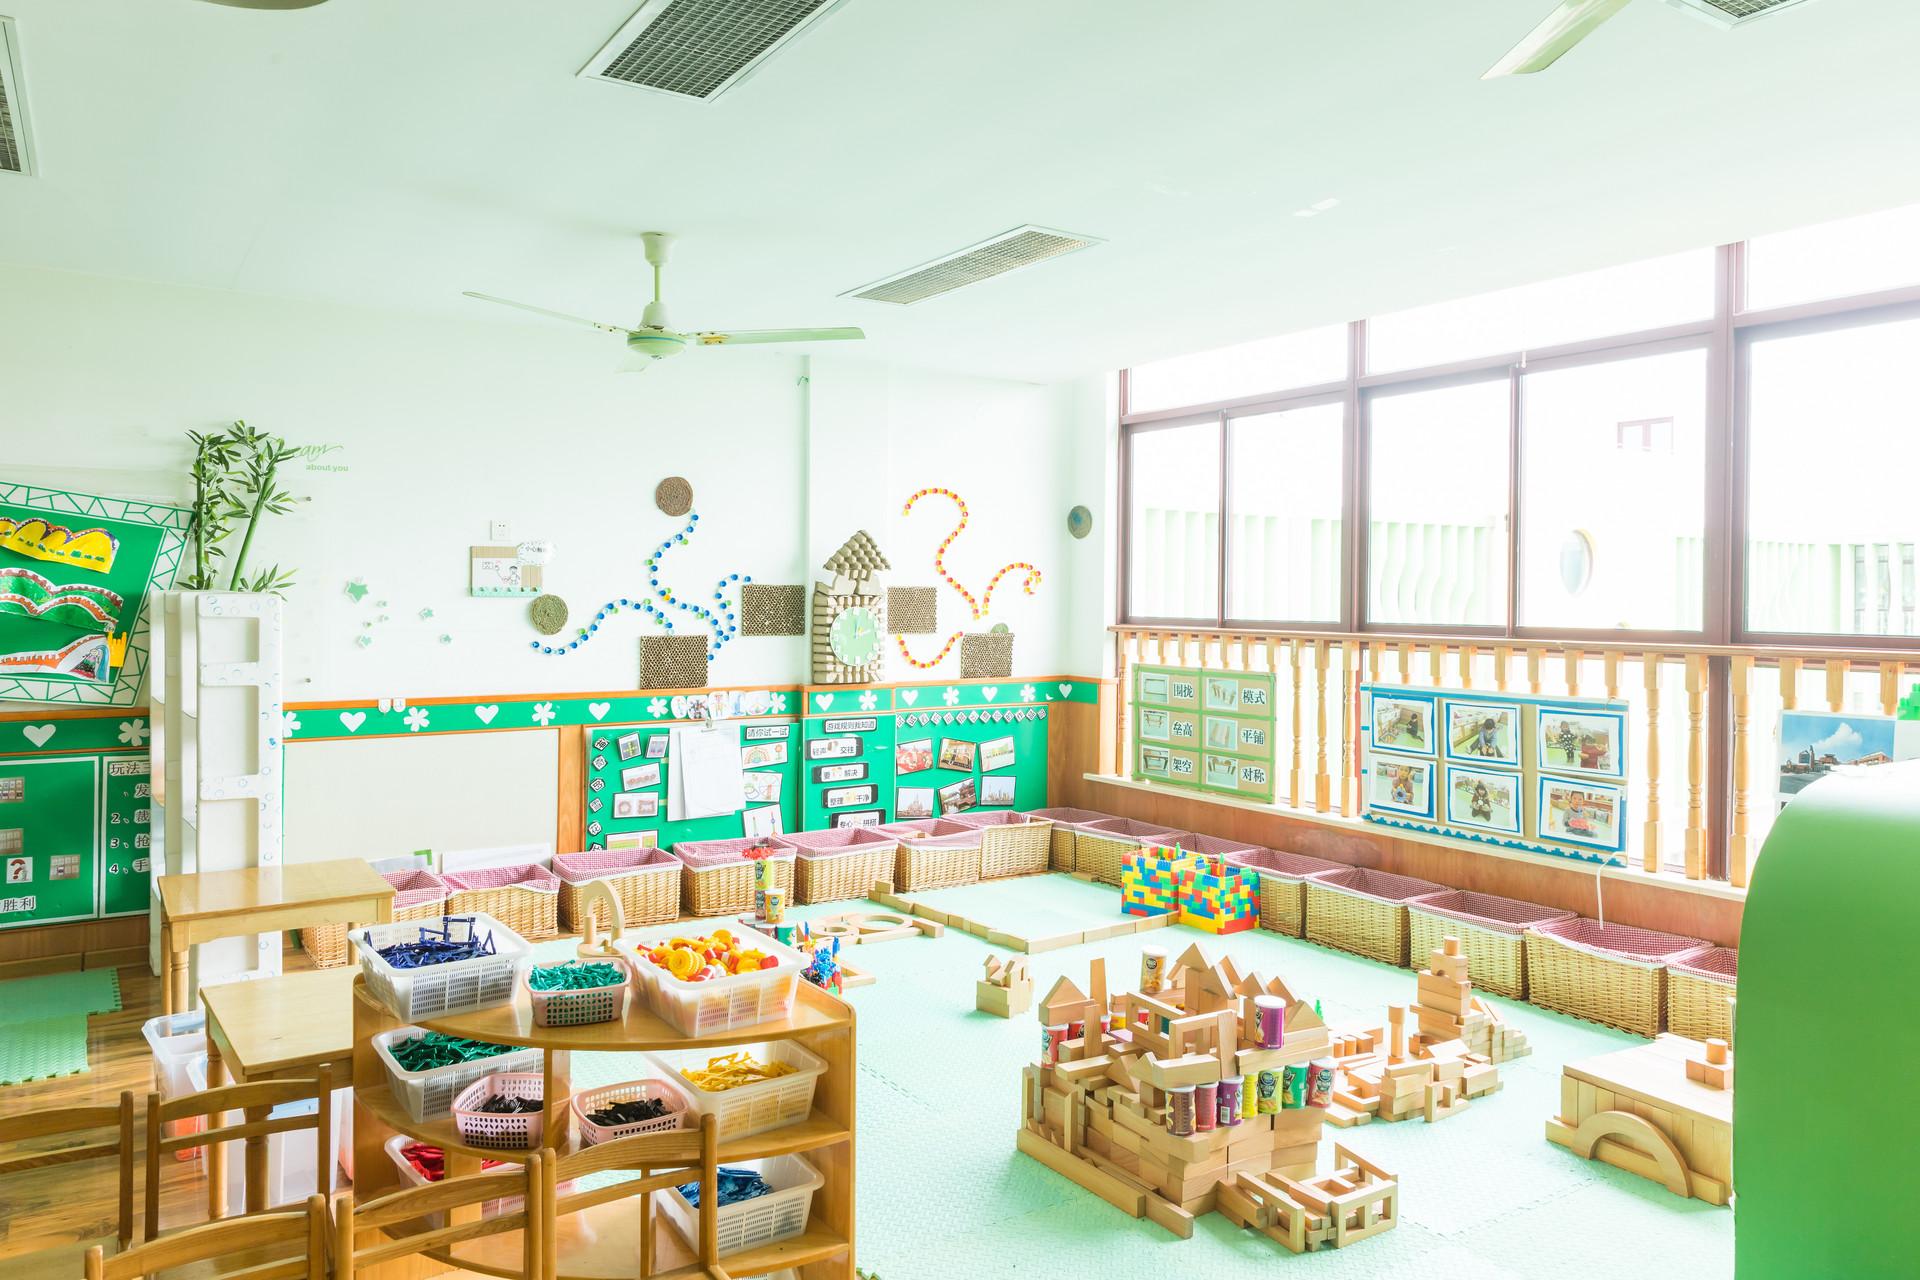 摄图网_501109700_banner_幼儿园教室环境(非企业商用).jpg